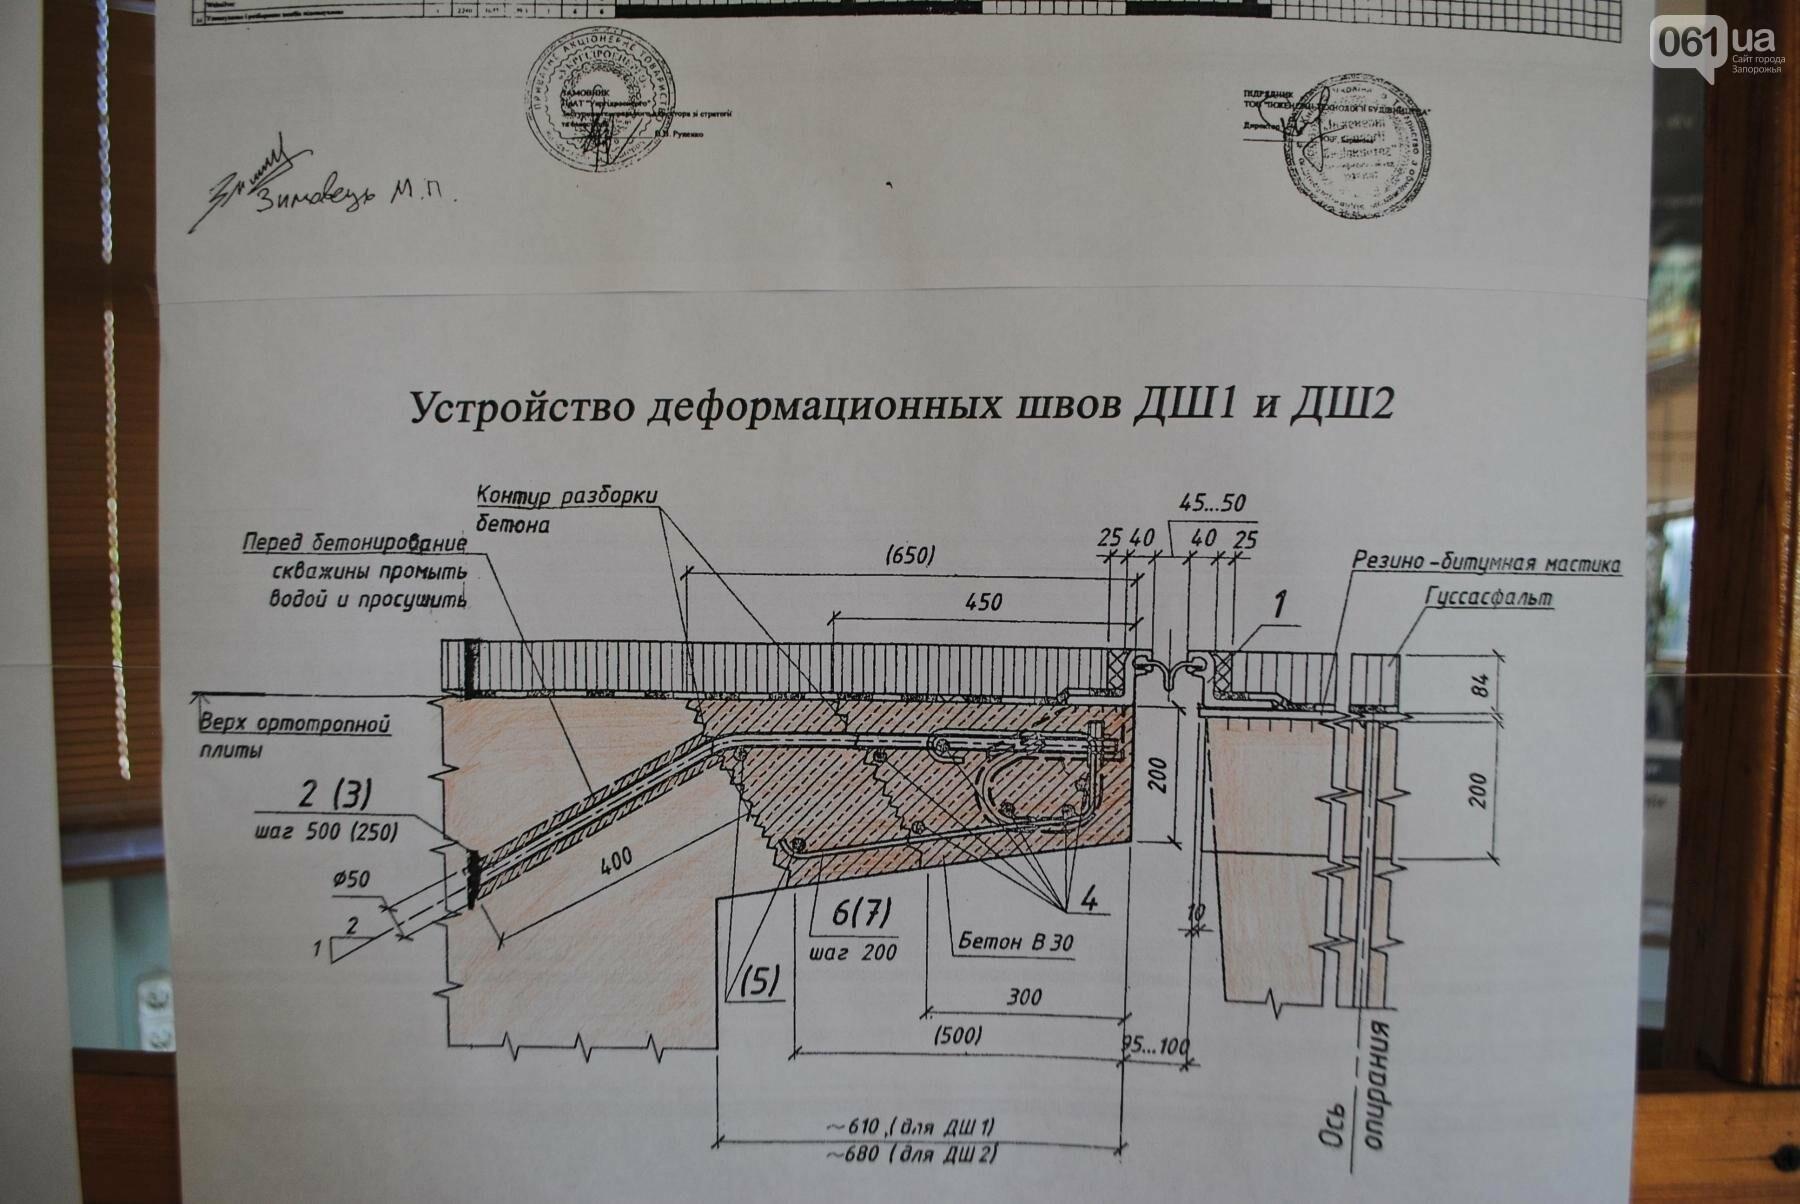 Через неделю стартует масштабный ремонт ДнепроГЭСа: что нужно знать запорожцам, фото-3